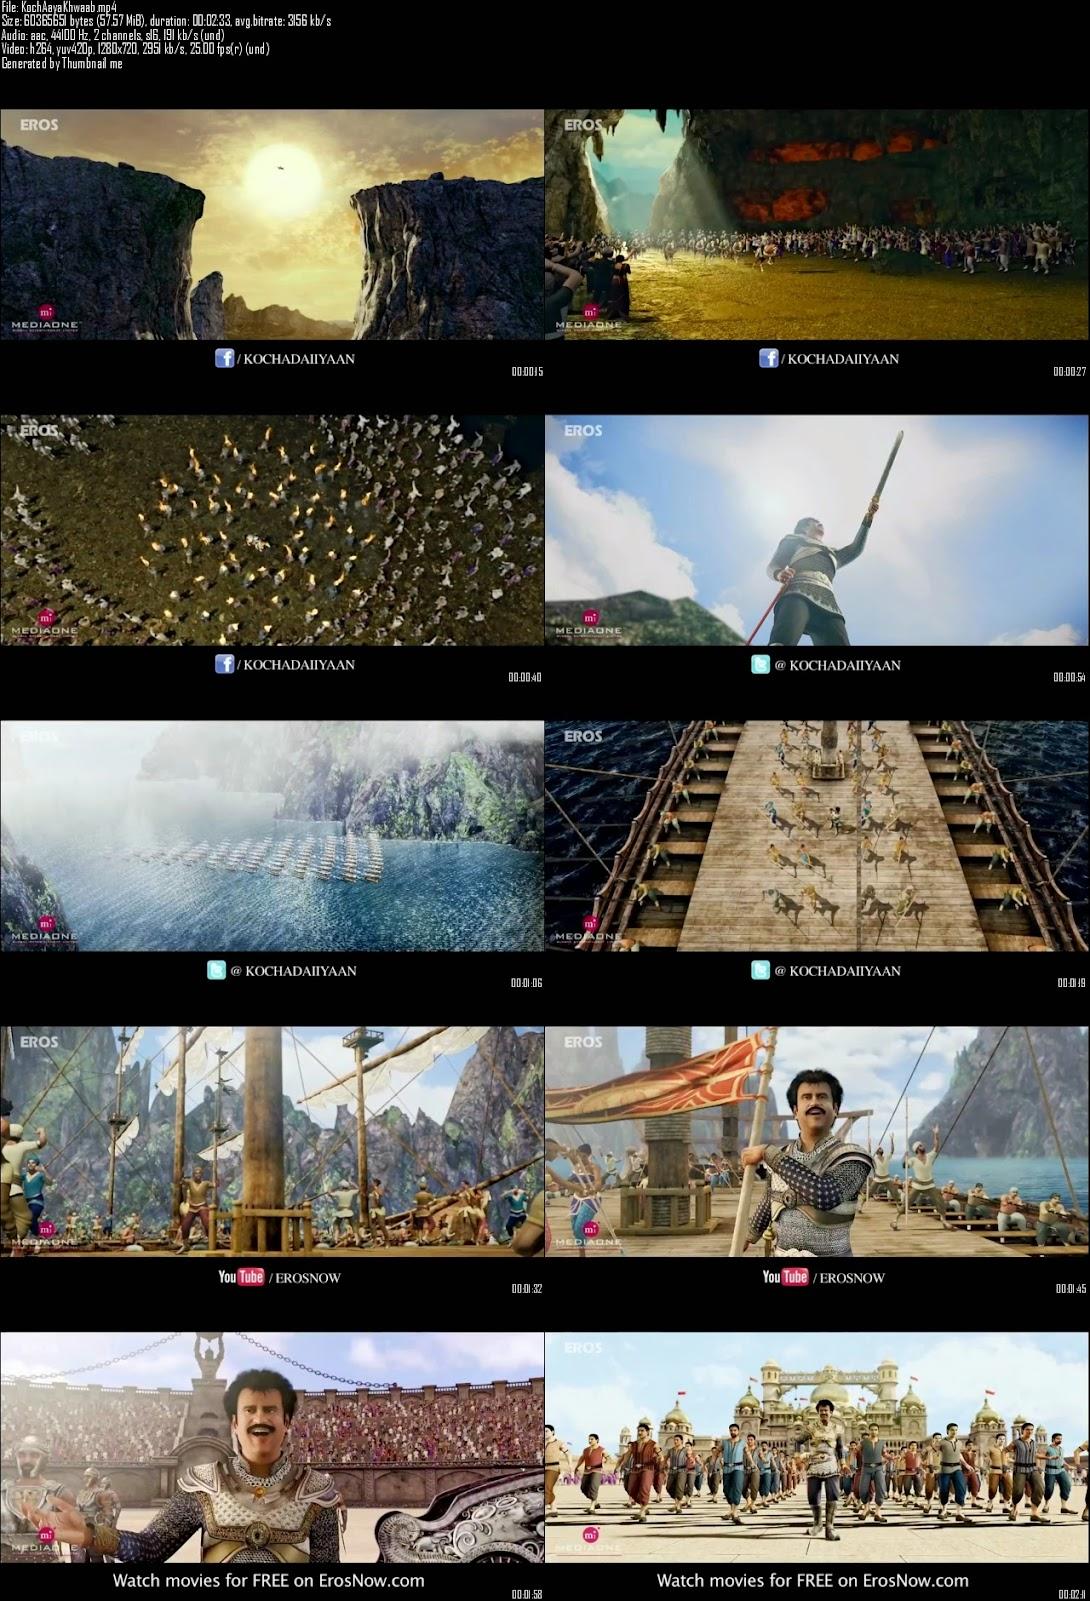 Mediafire Resumable Download Link For Video Song Aaya Khwab Ka Mausam - Kochadaiiyaan (2014)